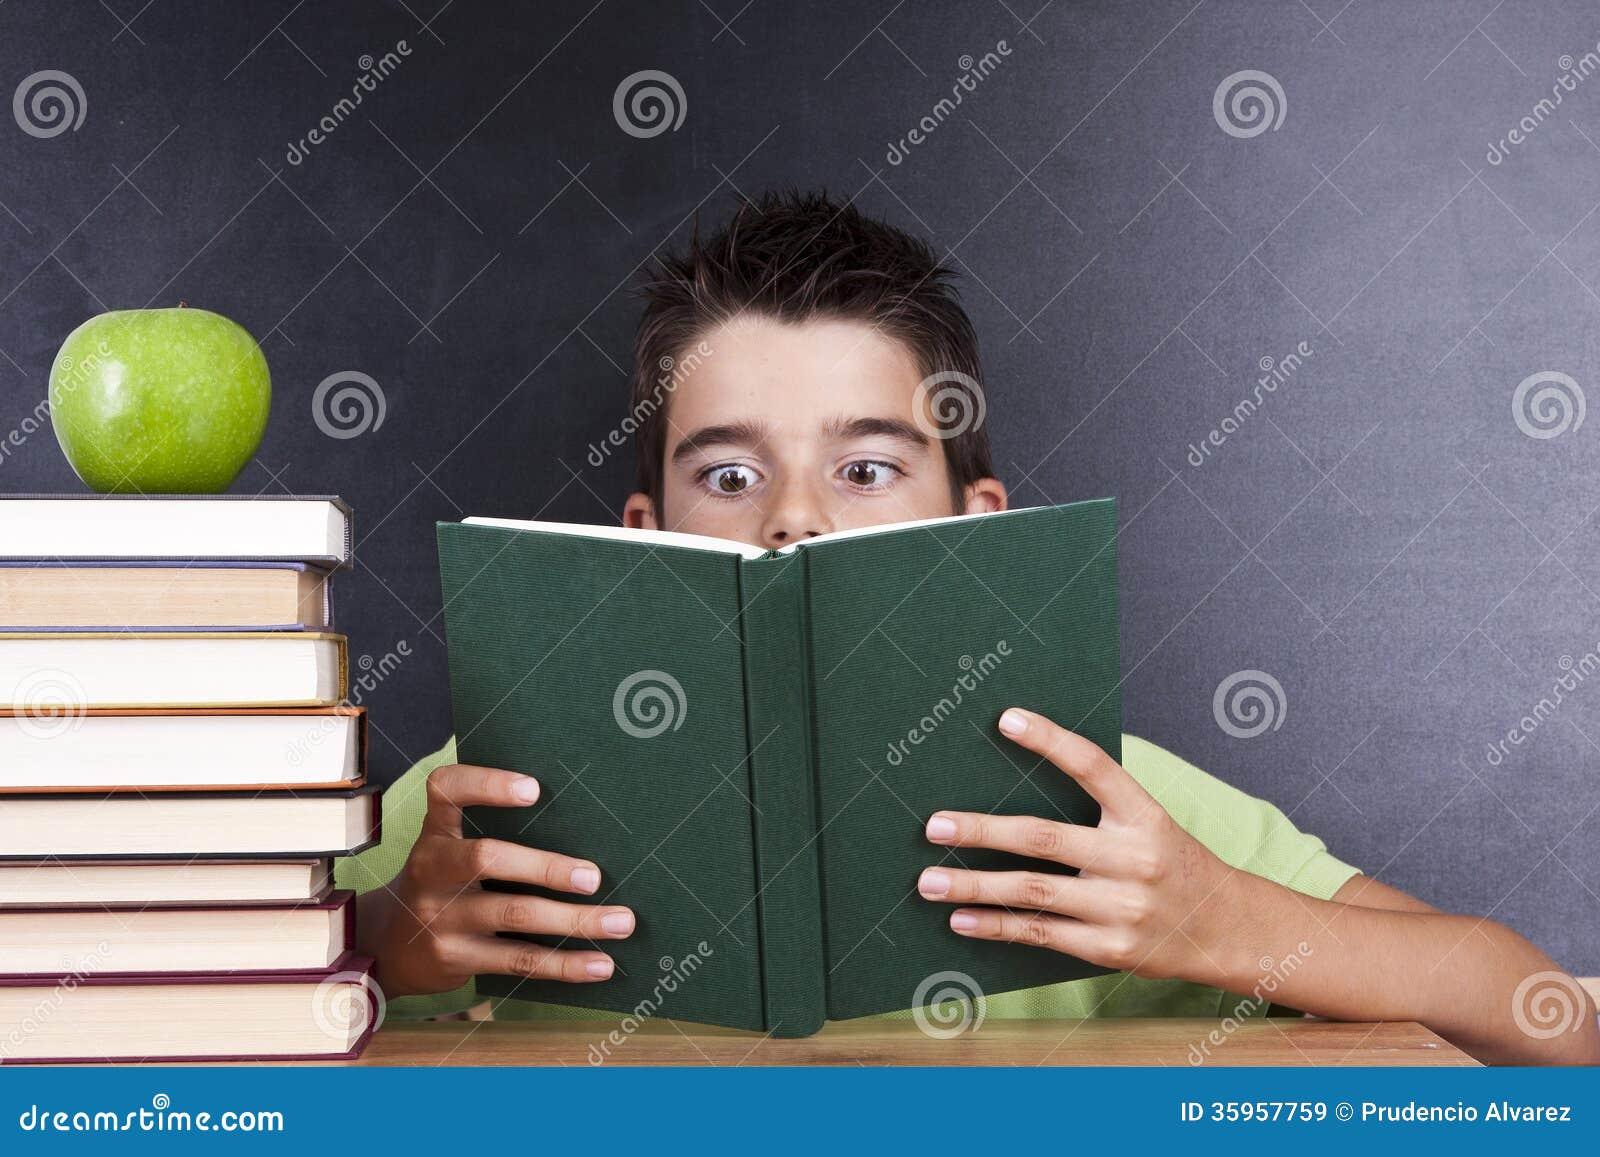 Lectura del libro en escuela